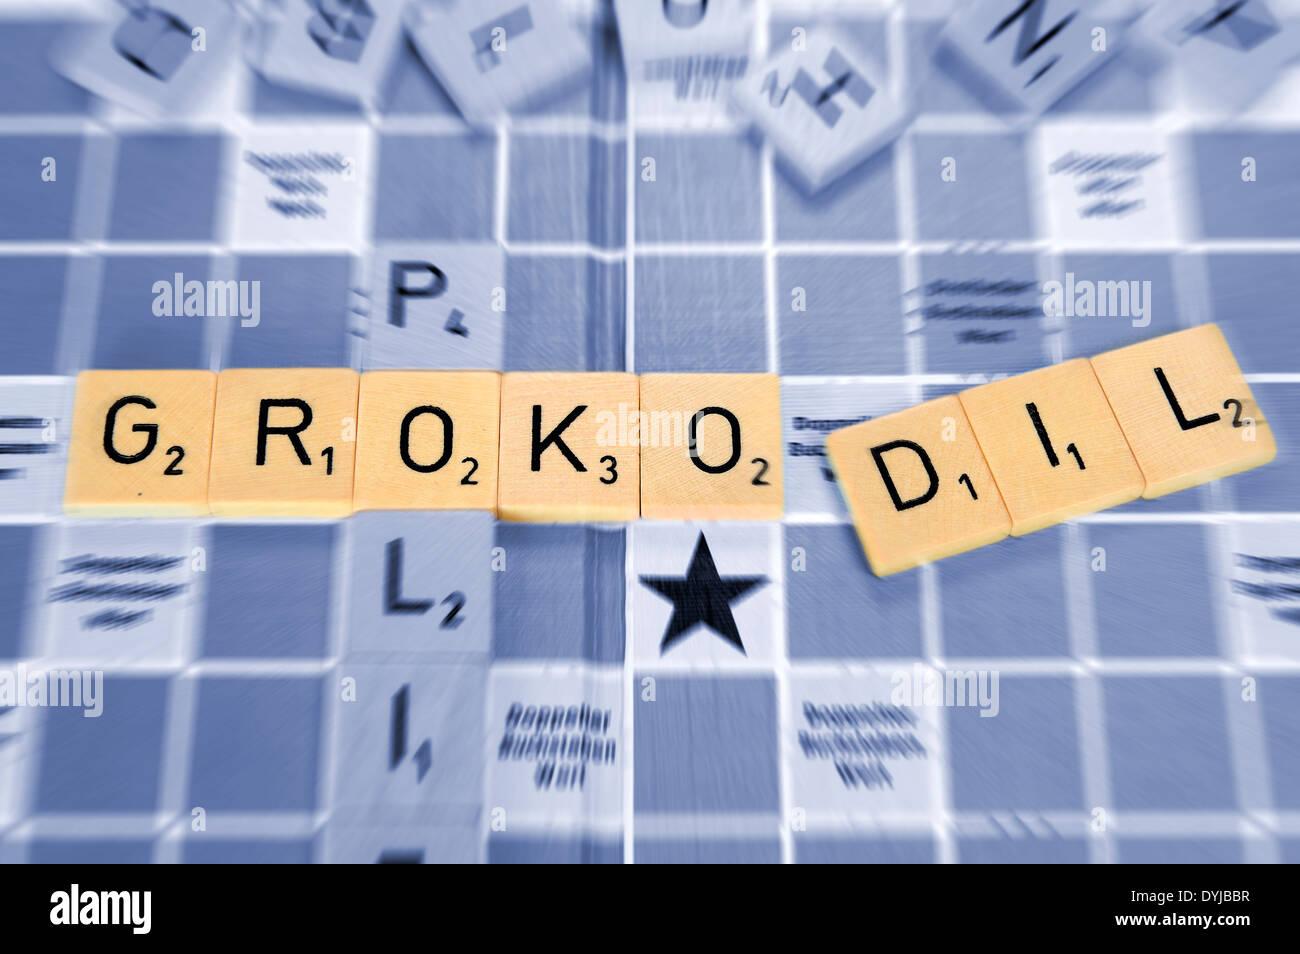 Das Wort GroKoDil mit Spielsteinen, Symbolfoto Machtkämpfe in der Großen Koalition - Stock Image